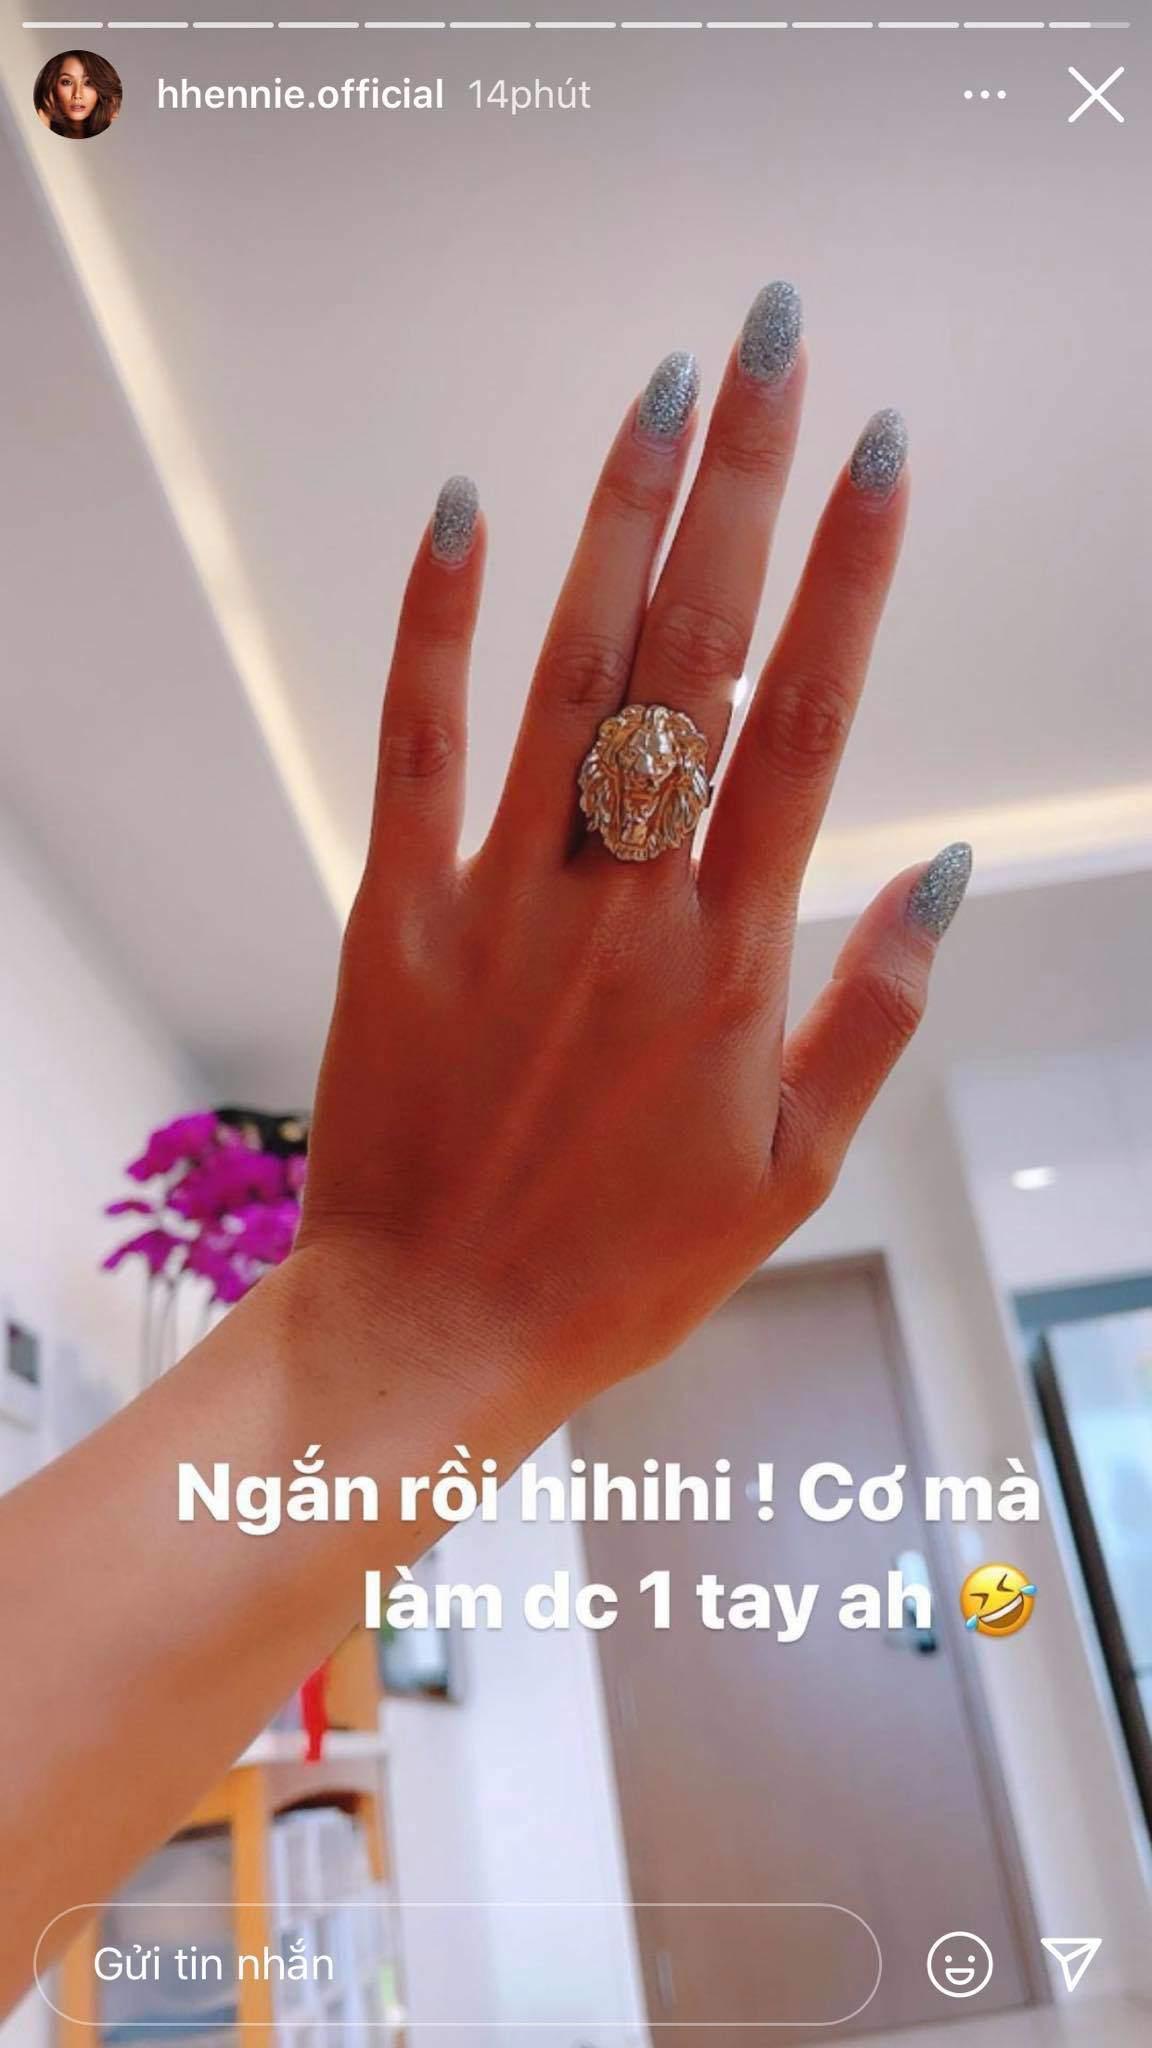 Dở khóc dở cười chuyện làm nails của sao Việt mùa dịch